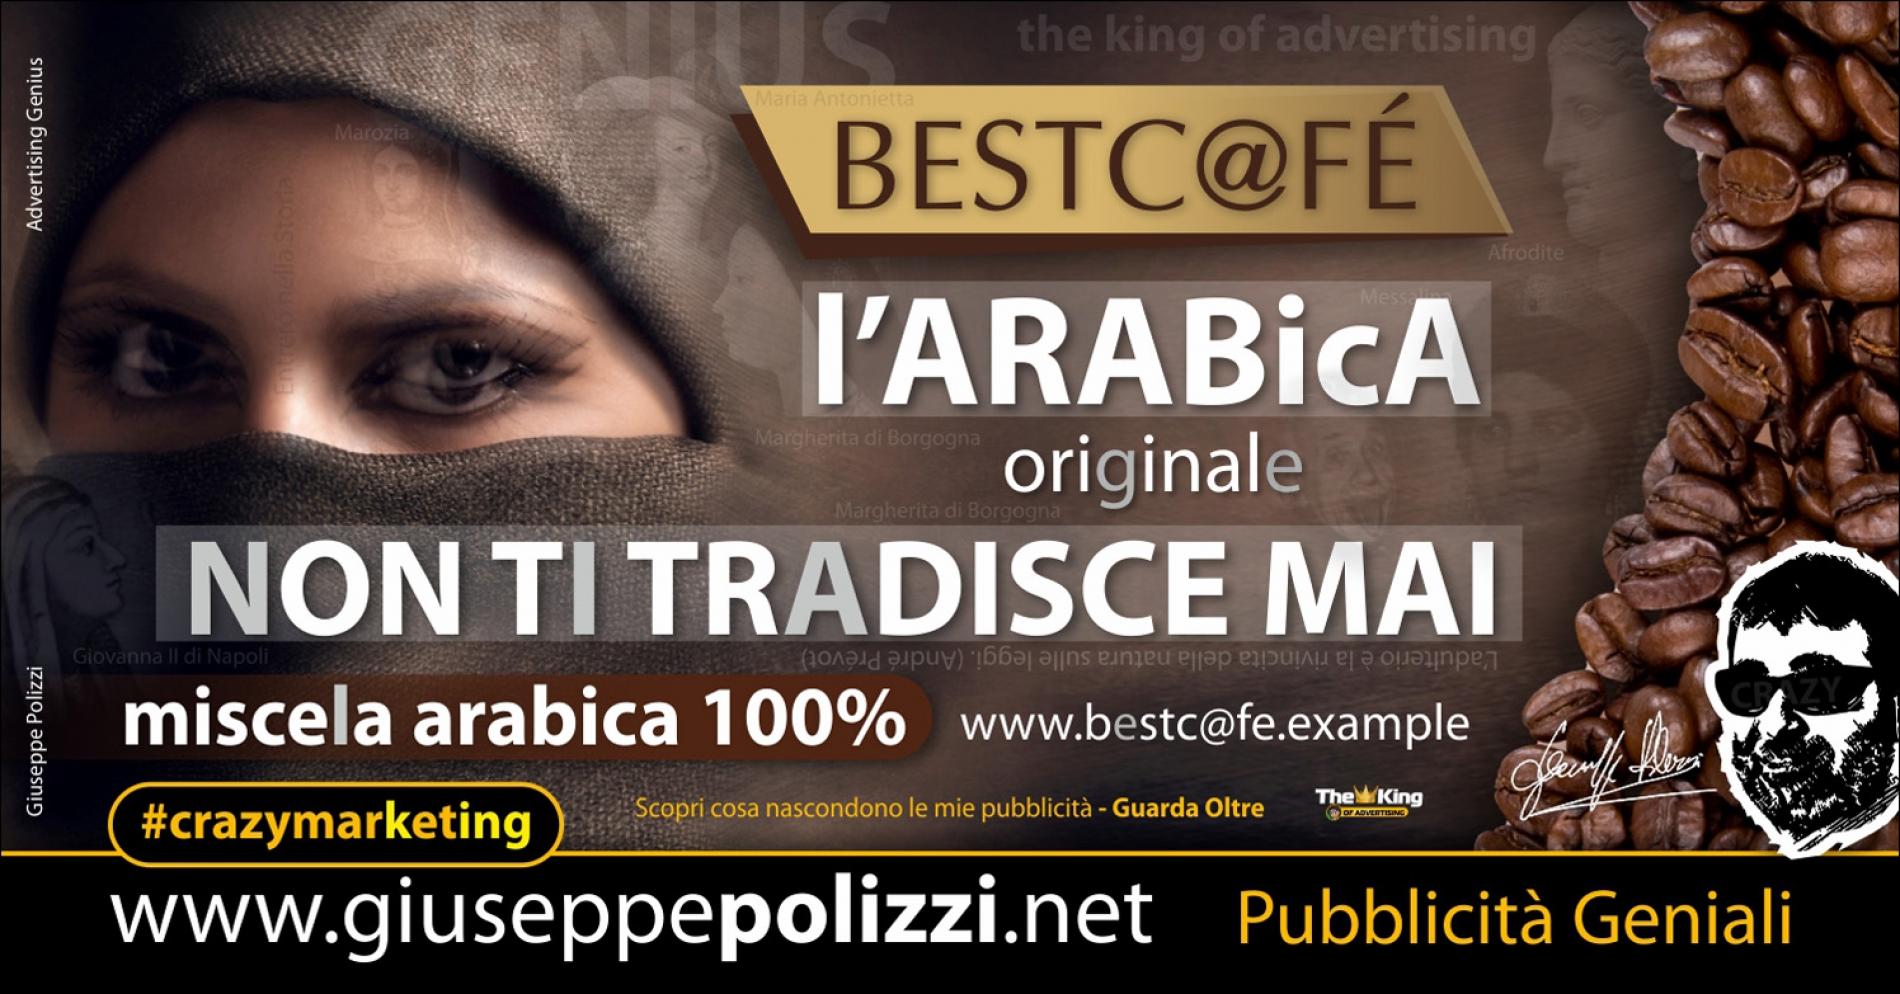 giuseppe Polizzi pubblicita ARABICA crazymarketing genius